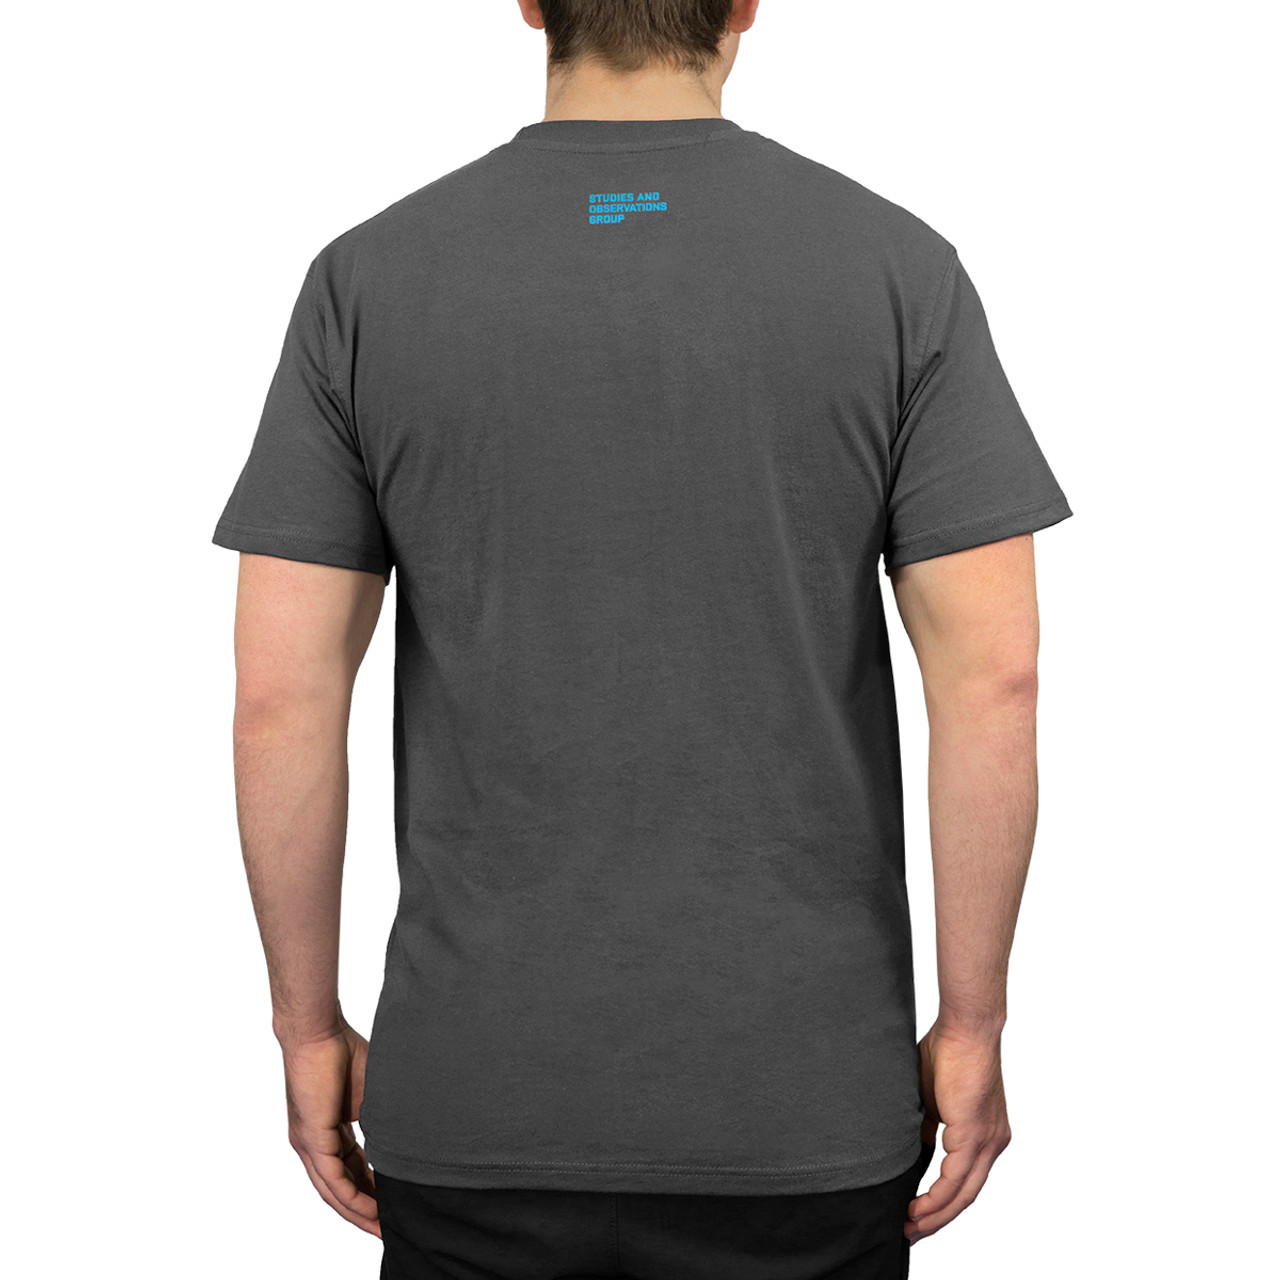 SOG T-Shirt - Dark Grey with Blue Logo